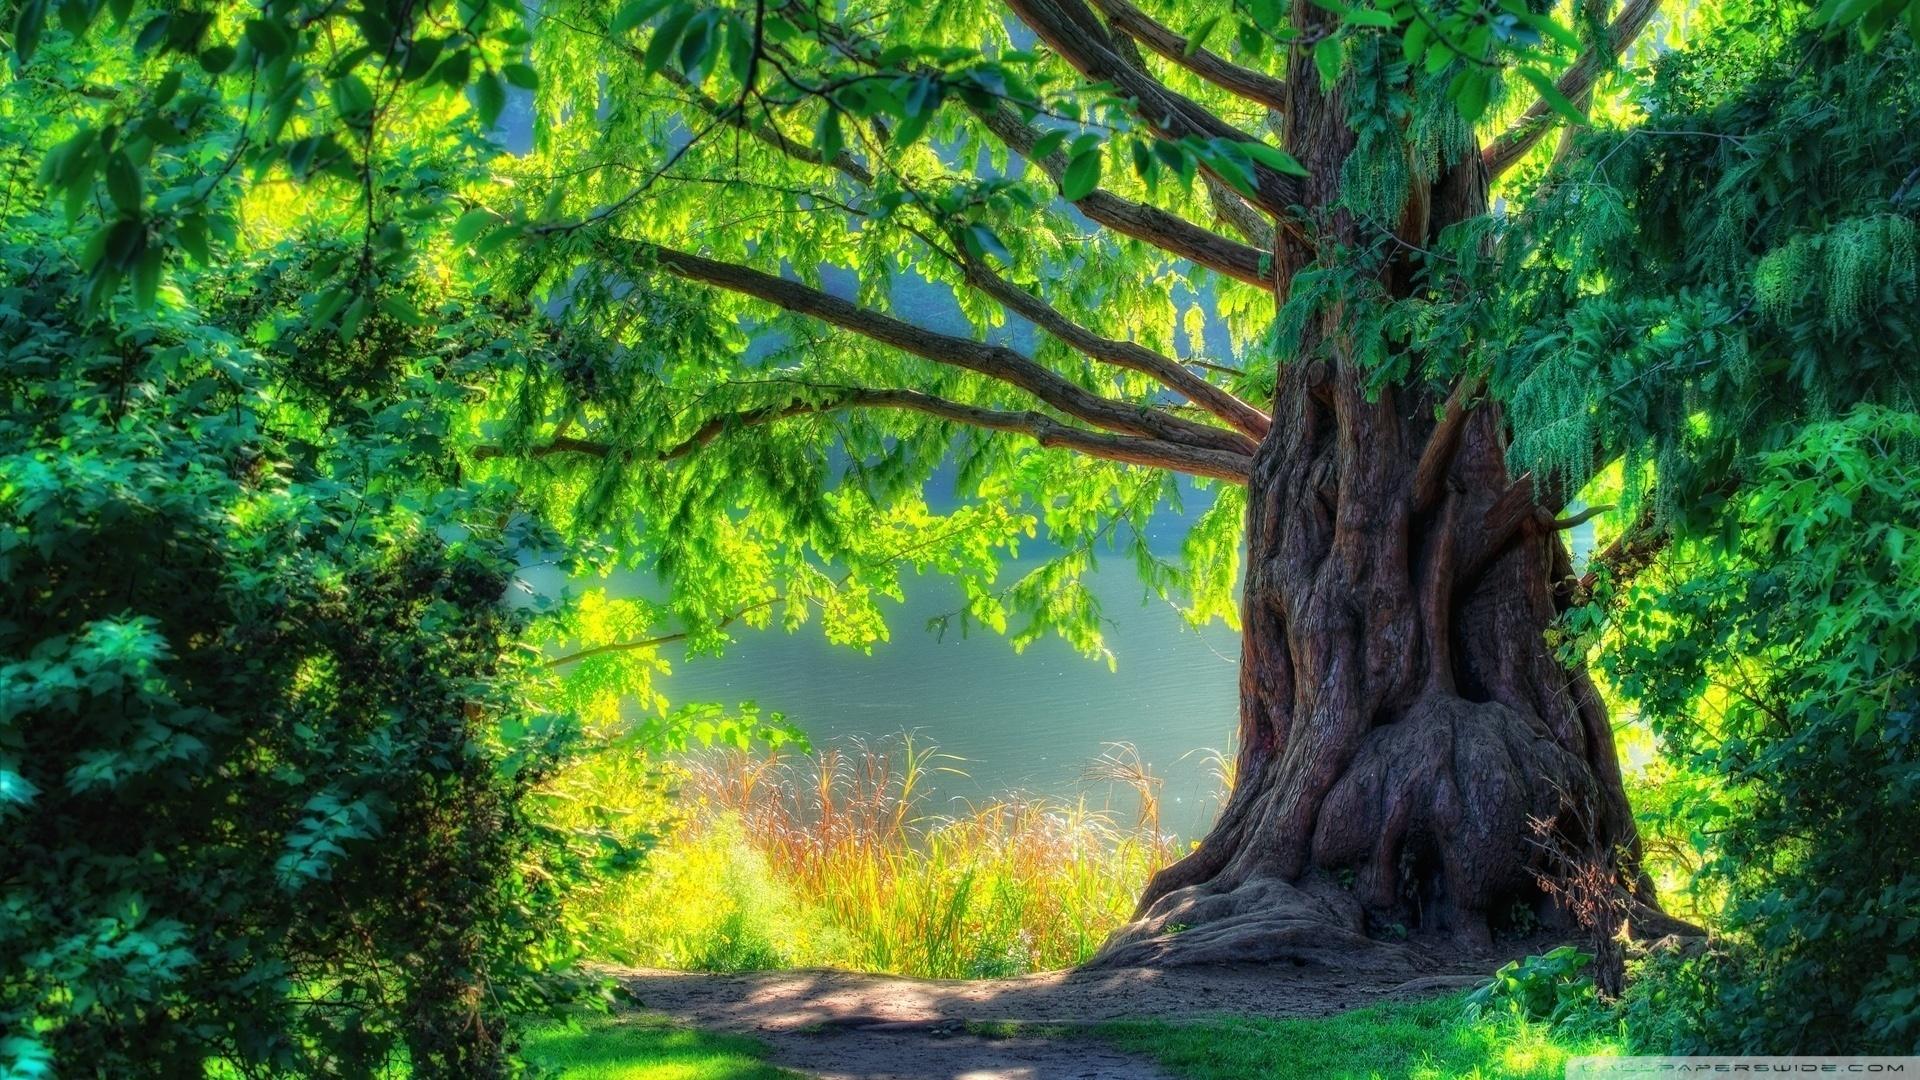 wallpaper primavara viata imagini curiozitati beautiful tree 1920x1080